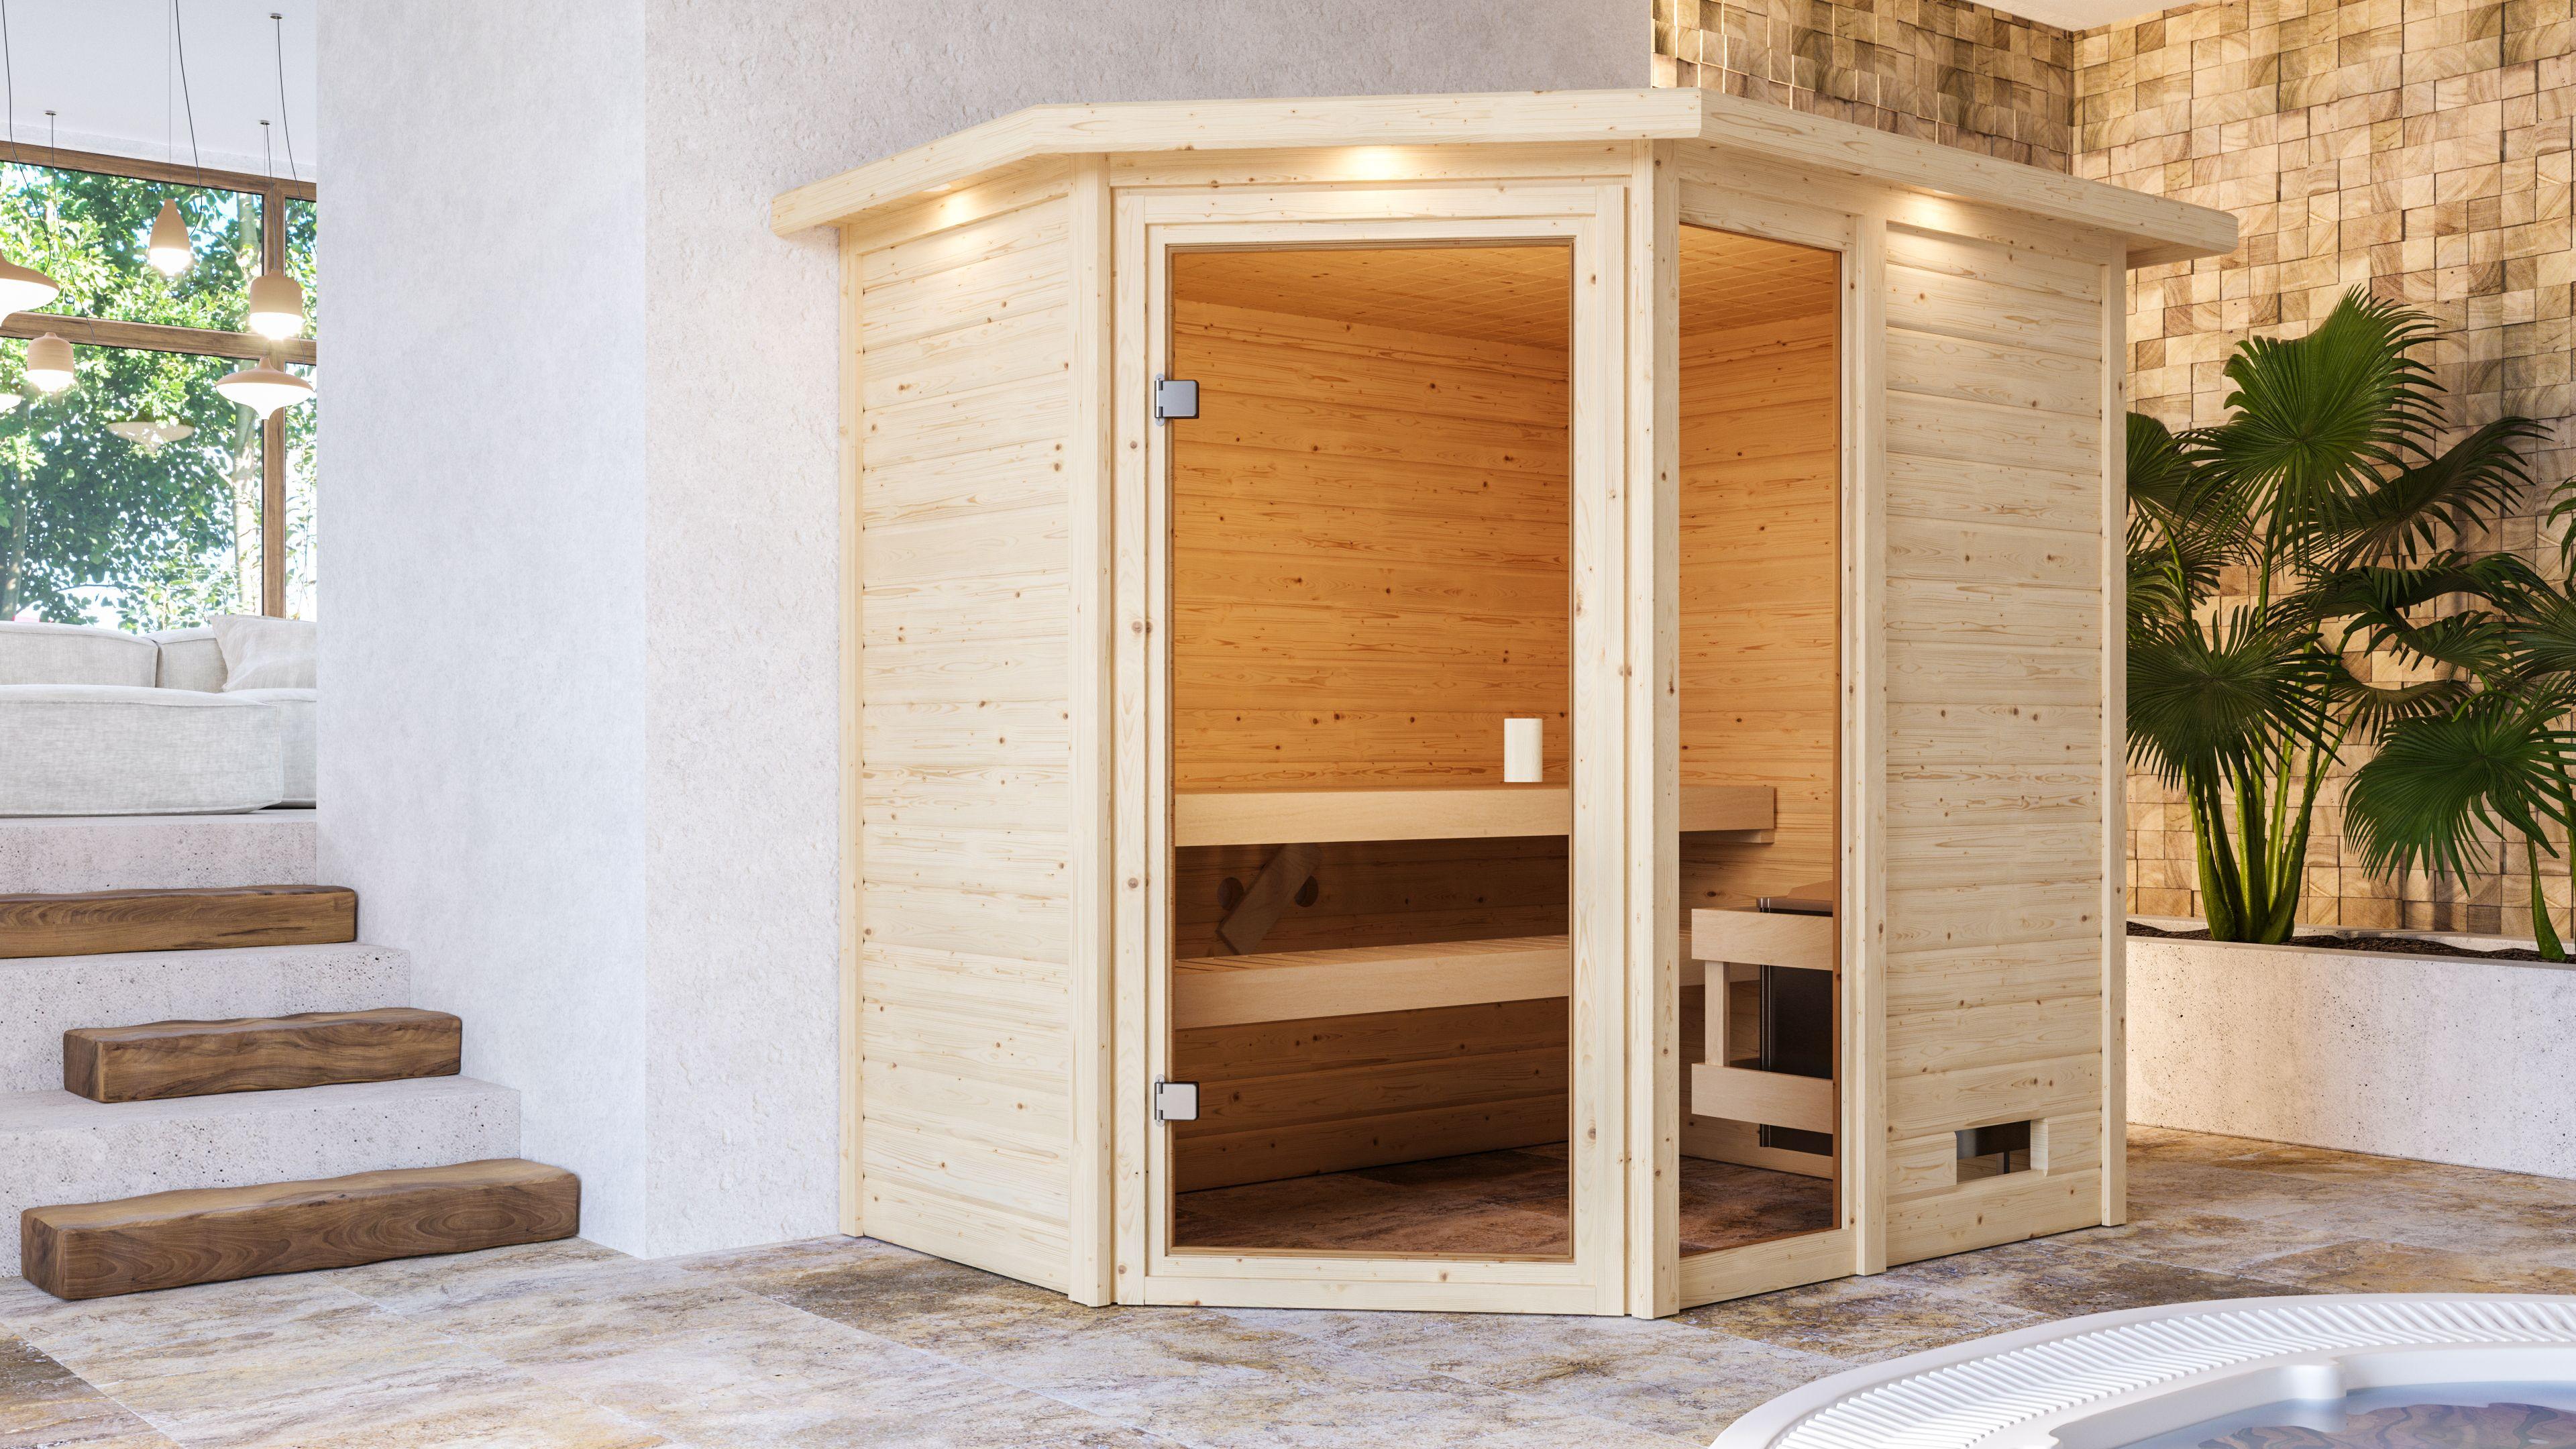 Woodfeeling Sauna Jada 38mm Dachkranz Saunaofen 9 kW intern Bild 2